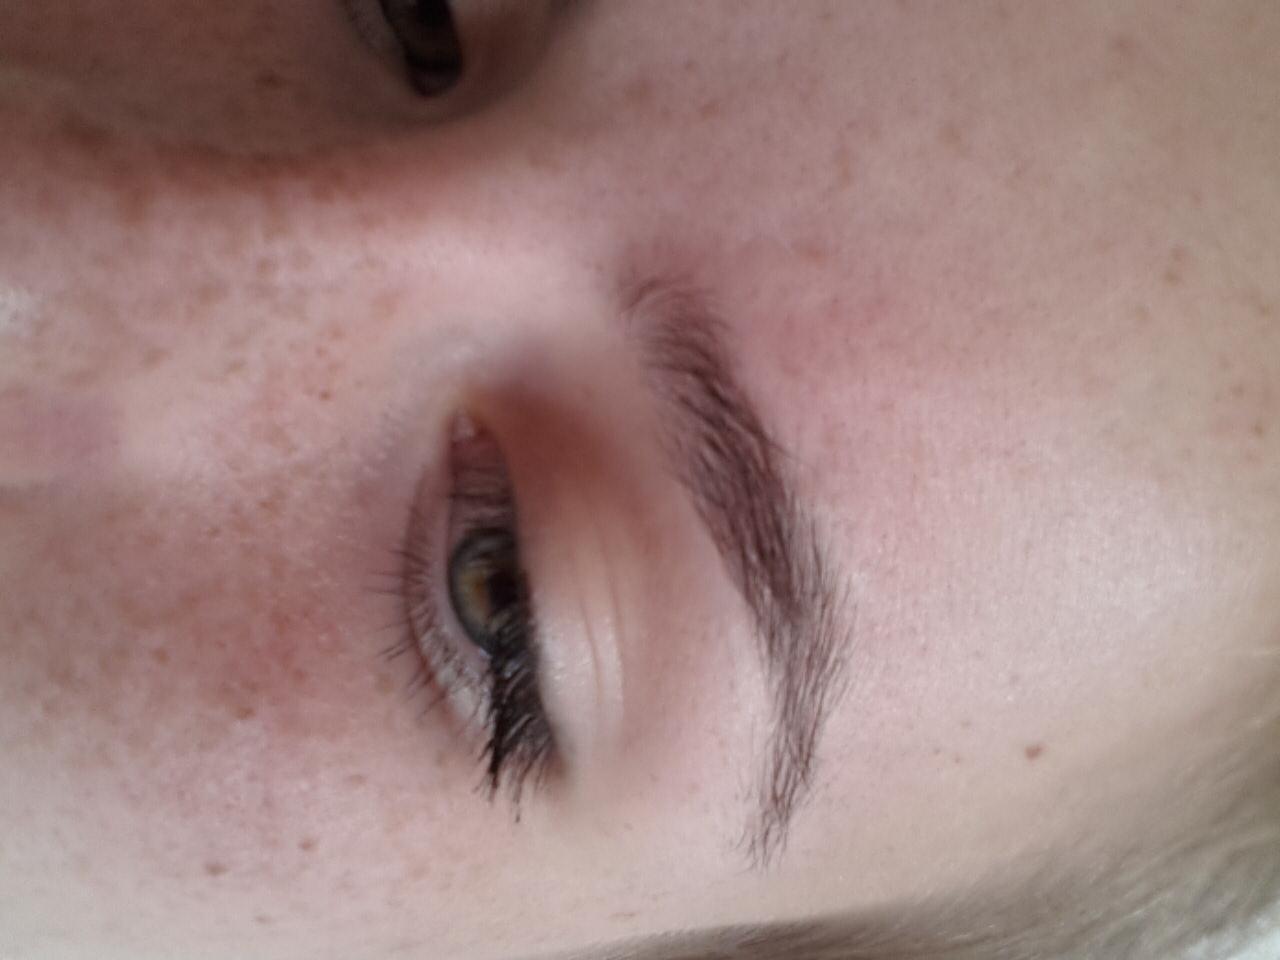 helle Haare und dunkle Augenbrauen (Farbe)